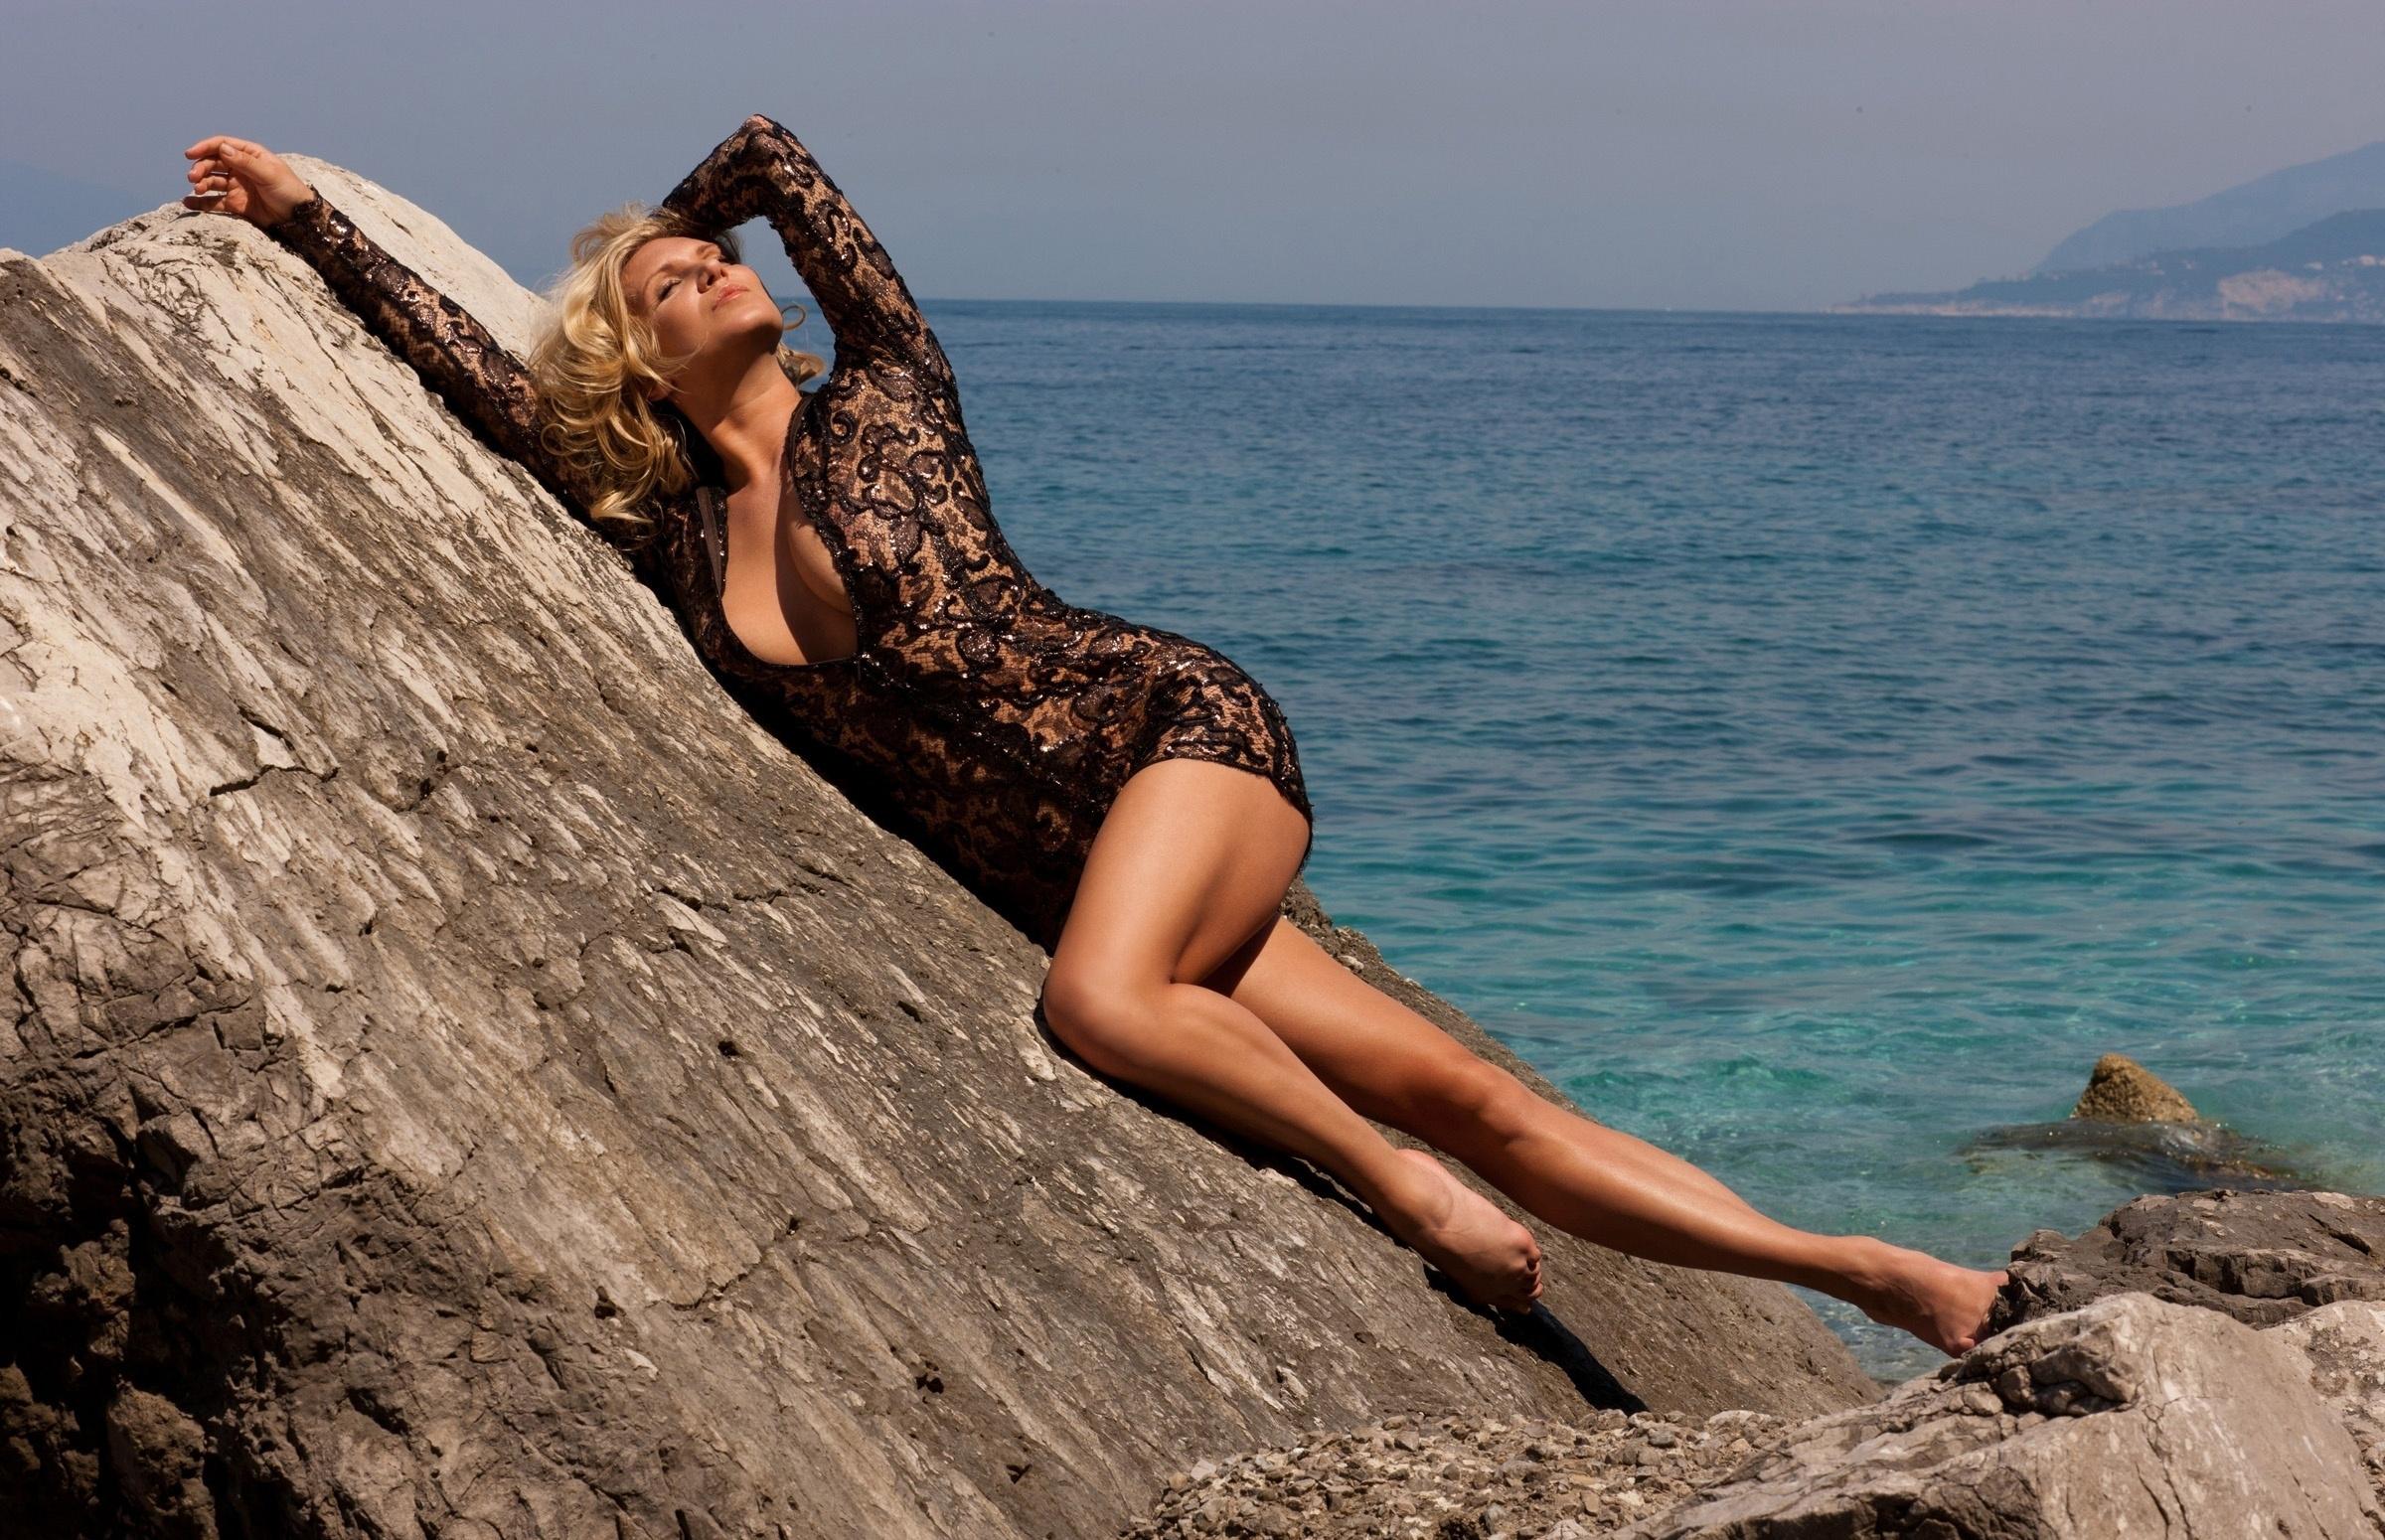 Девушка без трусов позирует на берегу моря